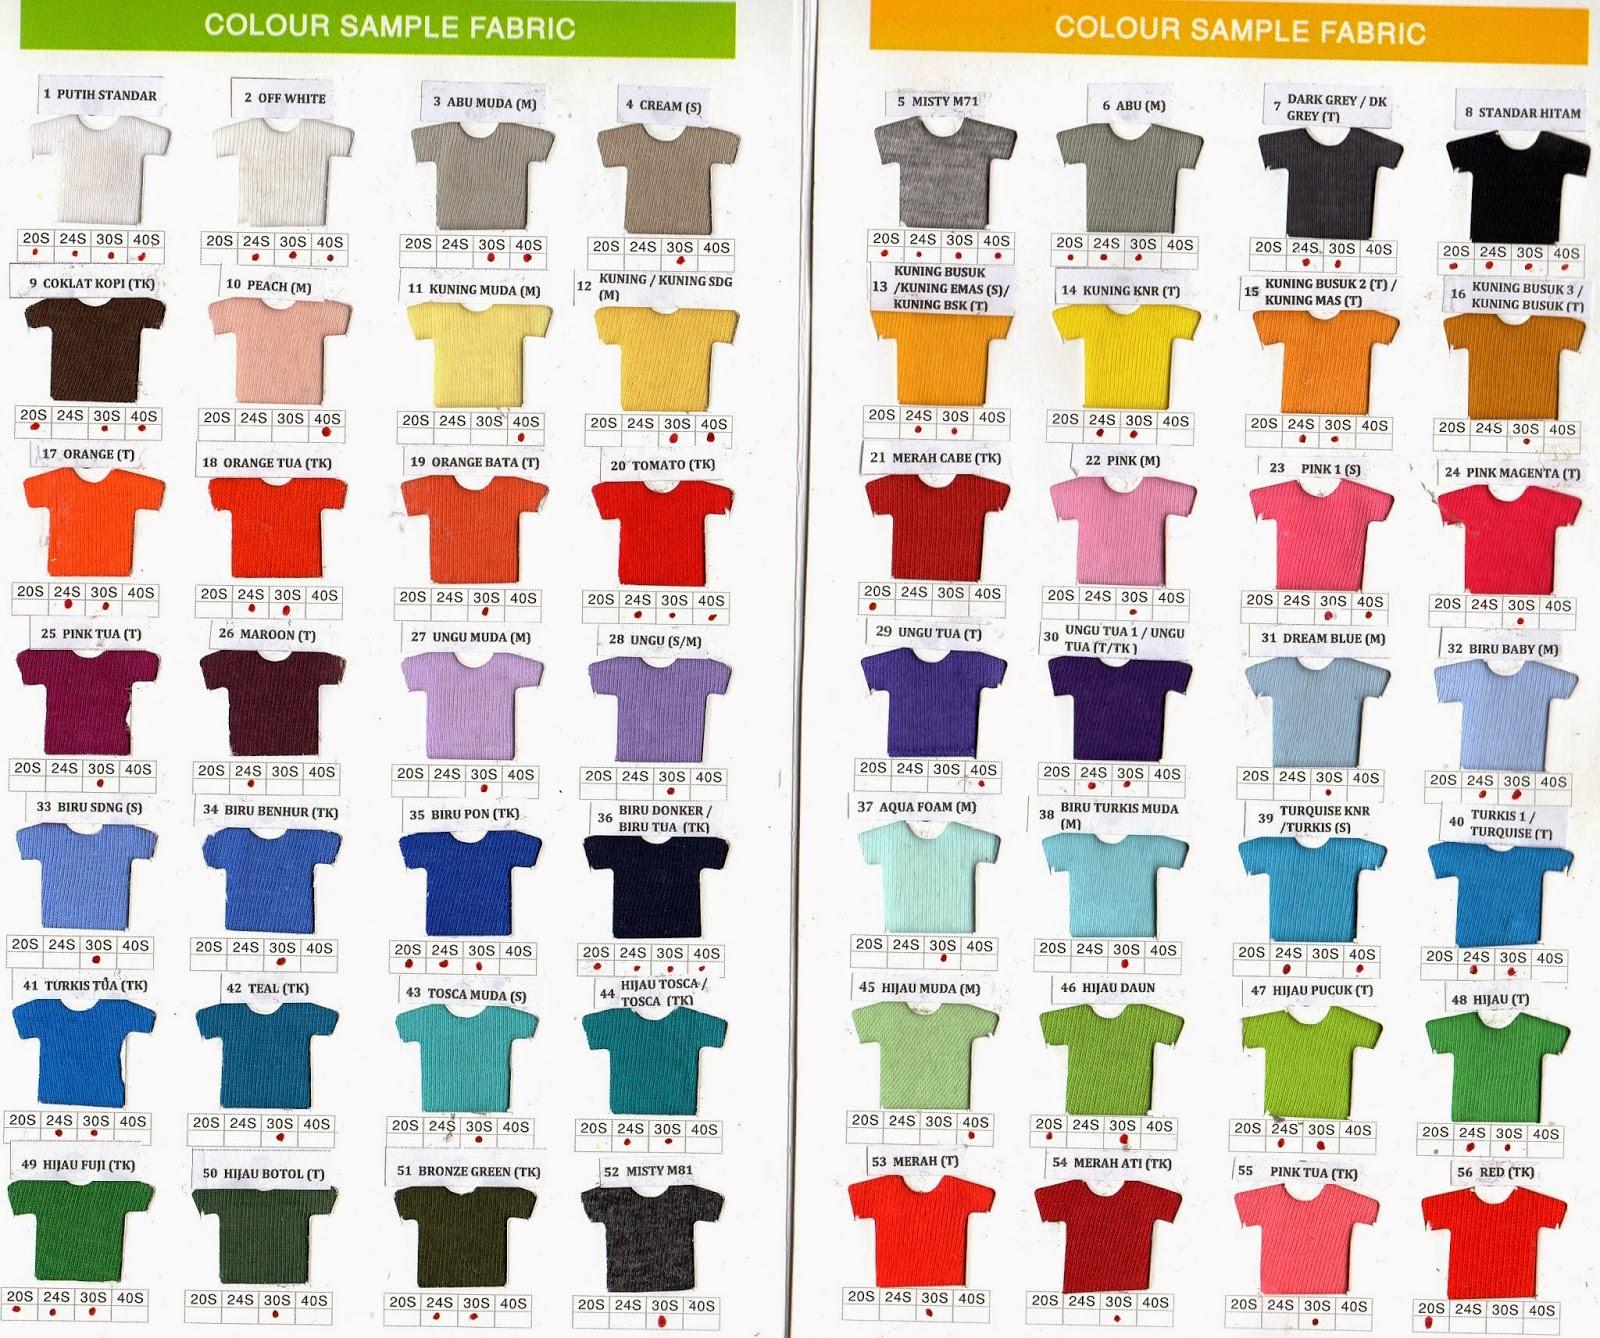 http://2.bp.blogspot.com/-hbWoilbapfM/VPZ91H4xXRI/AAAAAAAABkI/nIV5NDmklco/s1600/cotton-combed.jpg